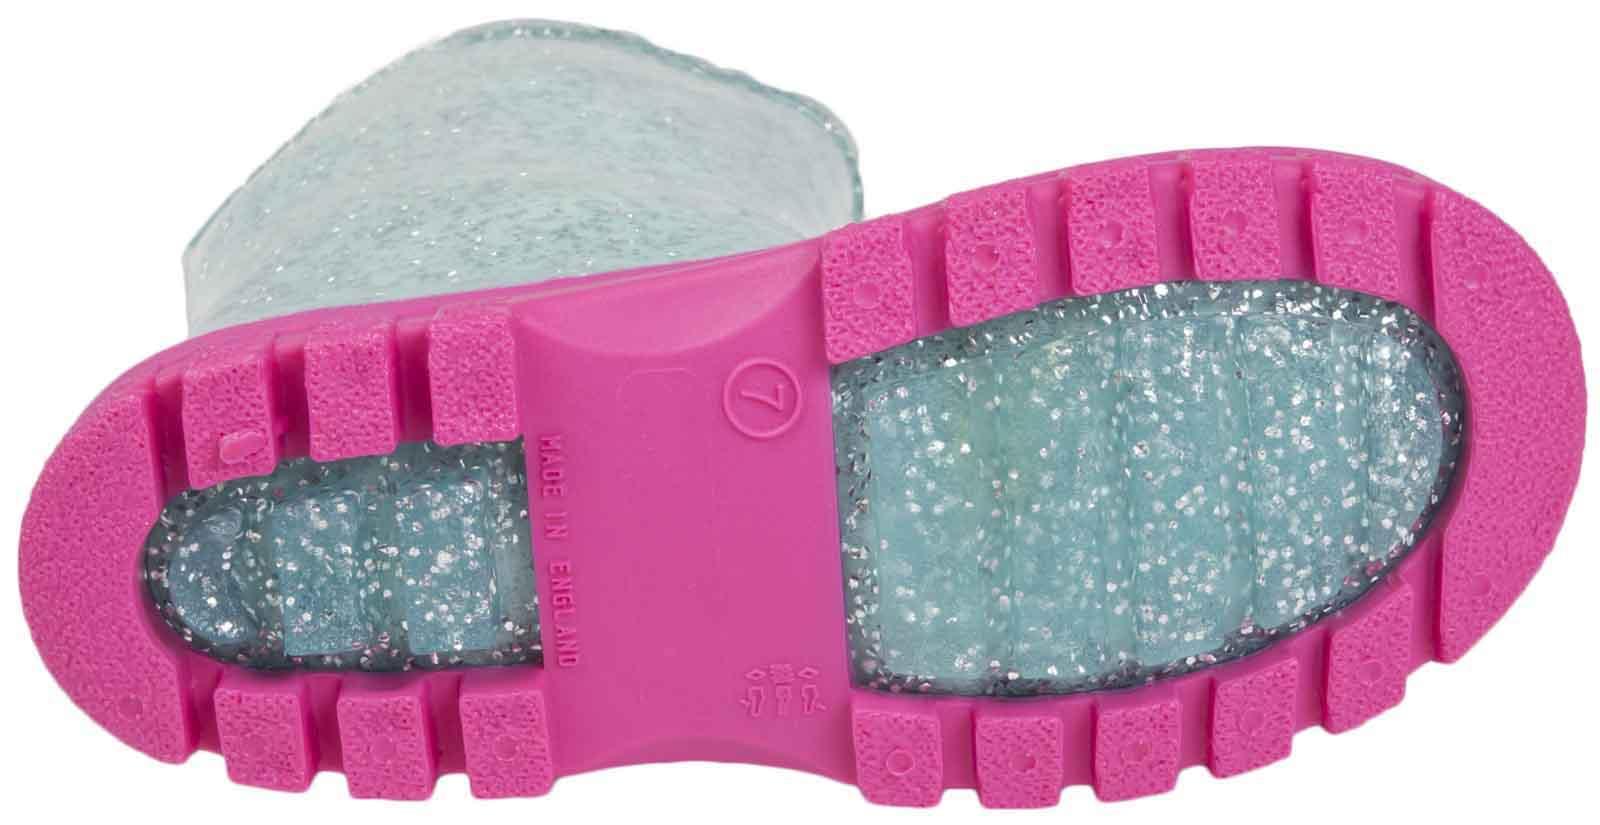 Girls-Peppa-Pig-Wellington-Boots-Mid-Calf-Gitter-Snow-Rain-Wellies-Kids-Size Indexbild 5